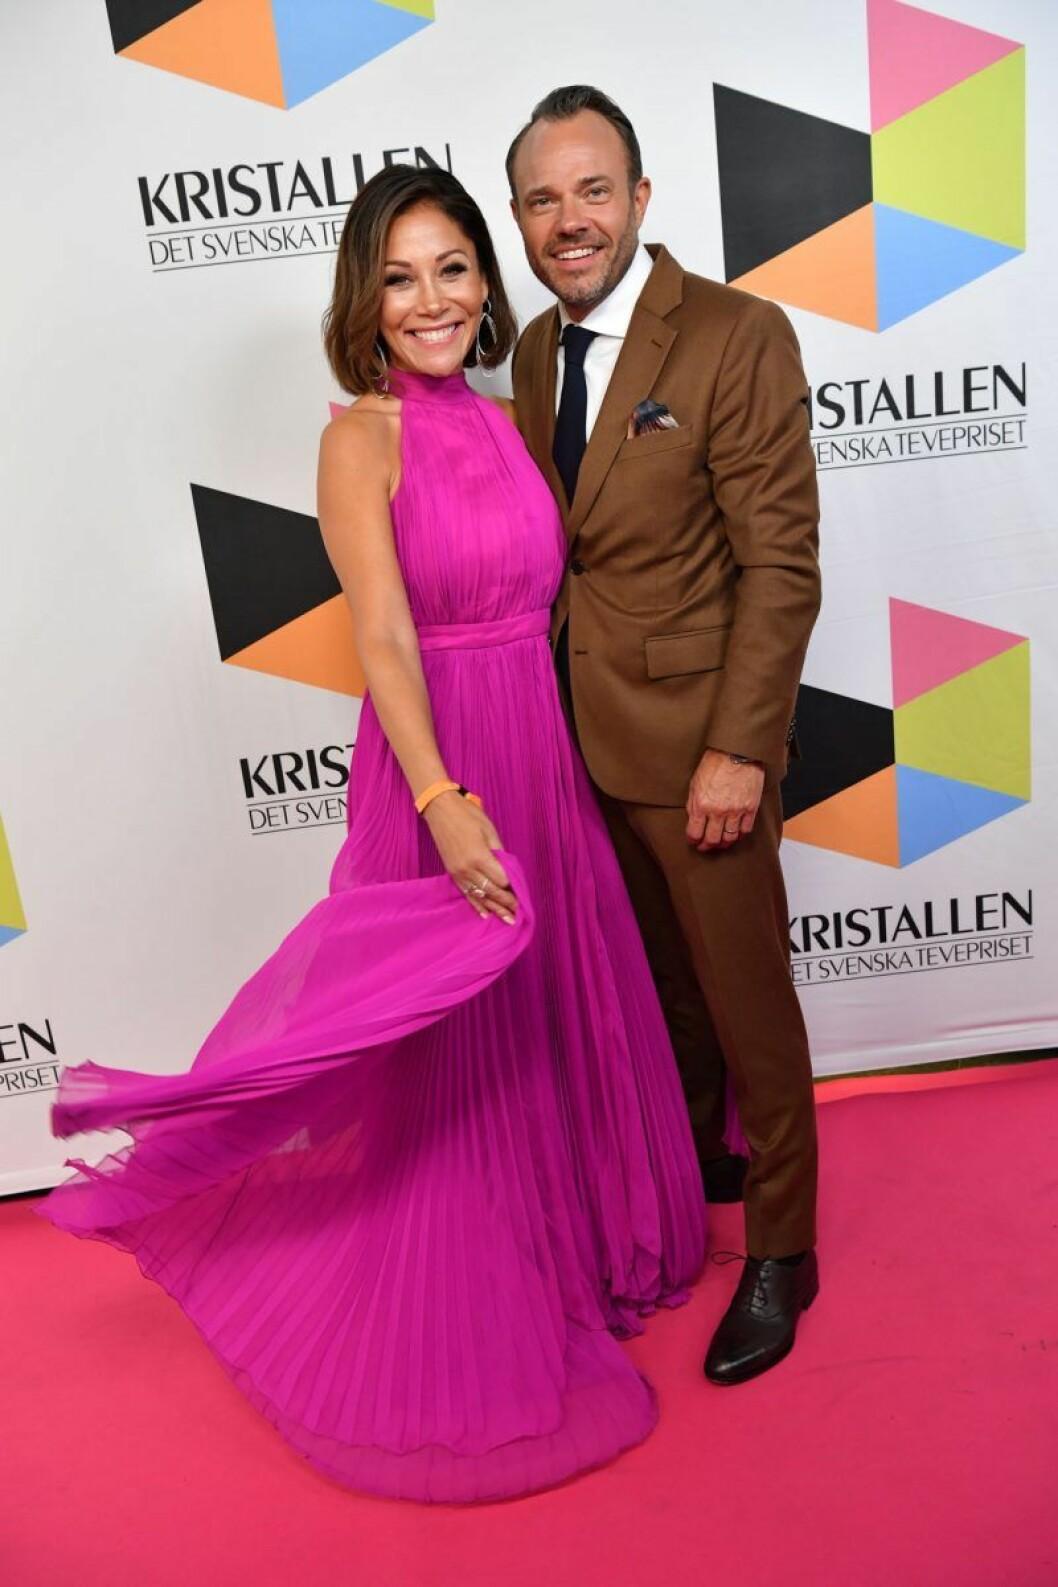 Tilde de Paula Eby och David Helenius på röda mattan på Kristallen 2019